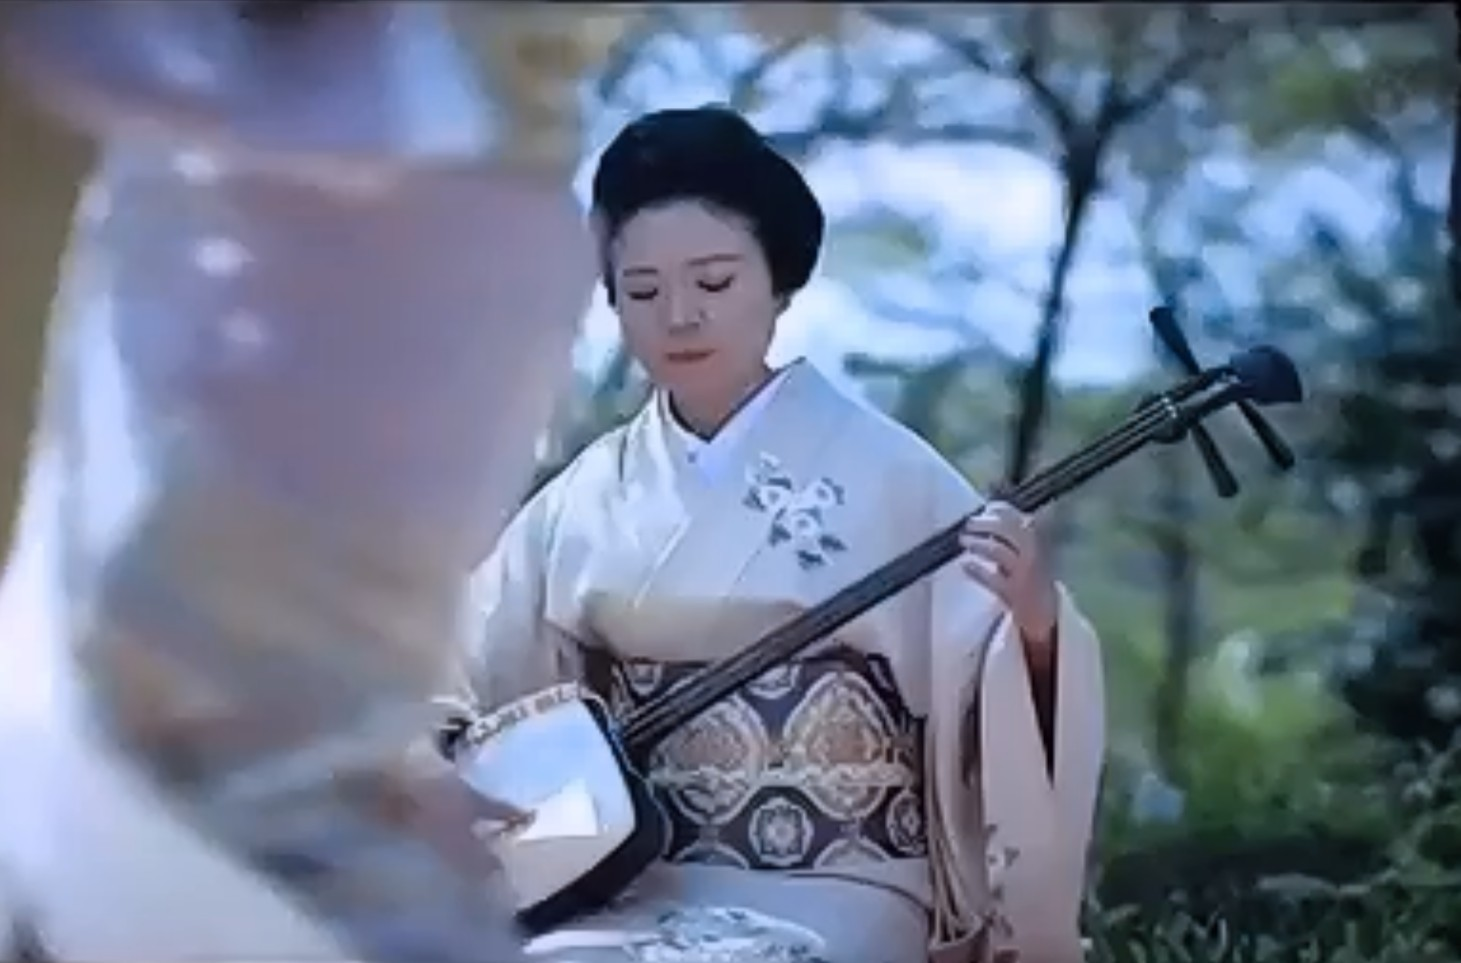 プリンセス美智子様物語_e0189104_02261247.jpg